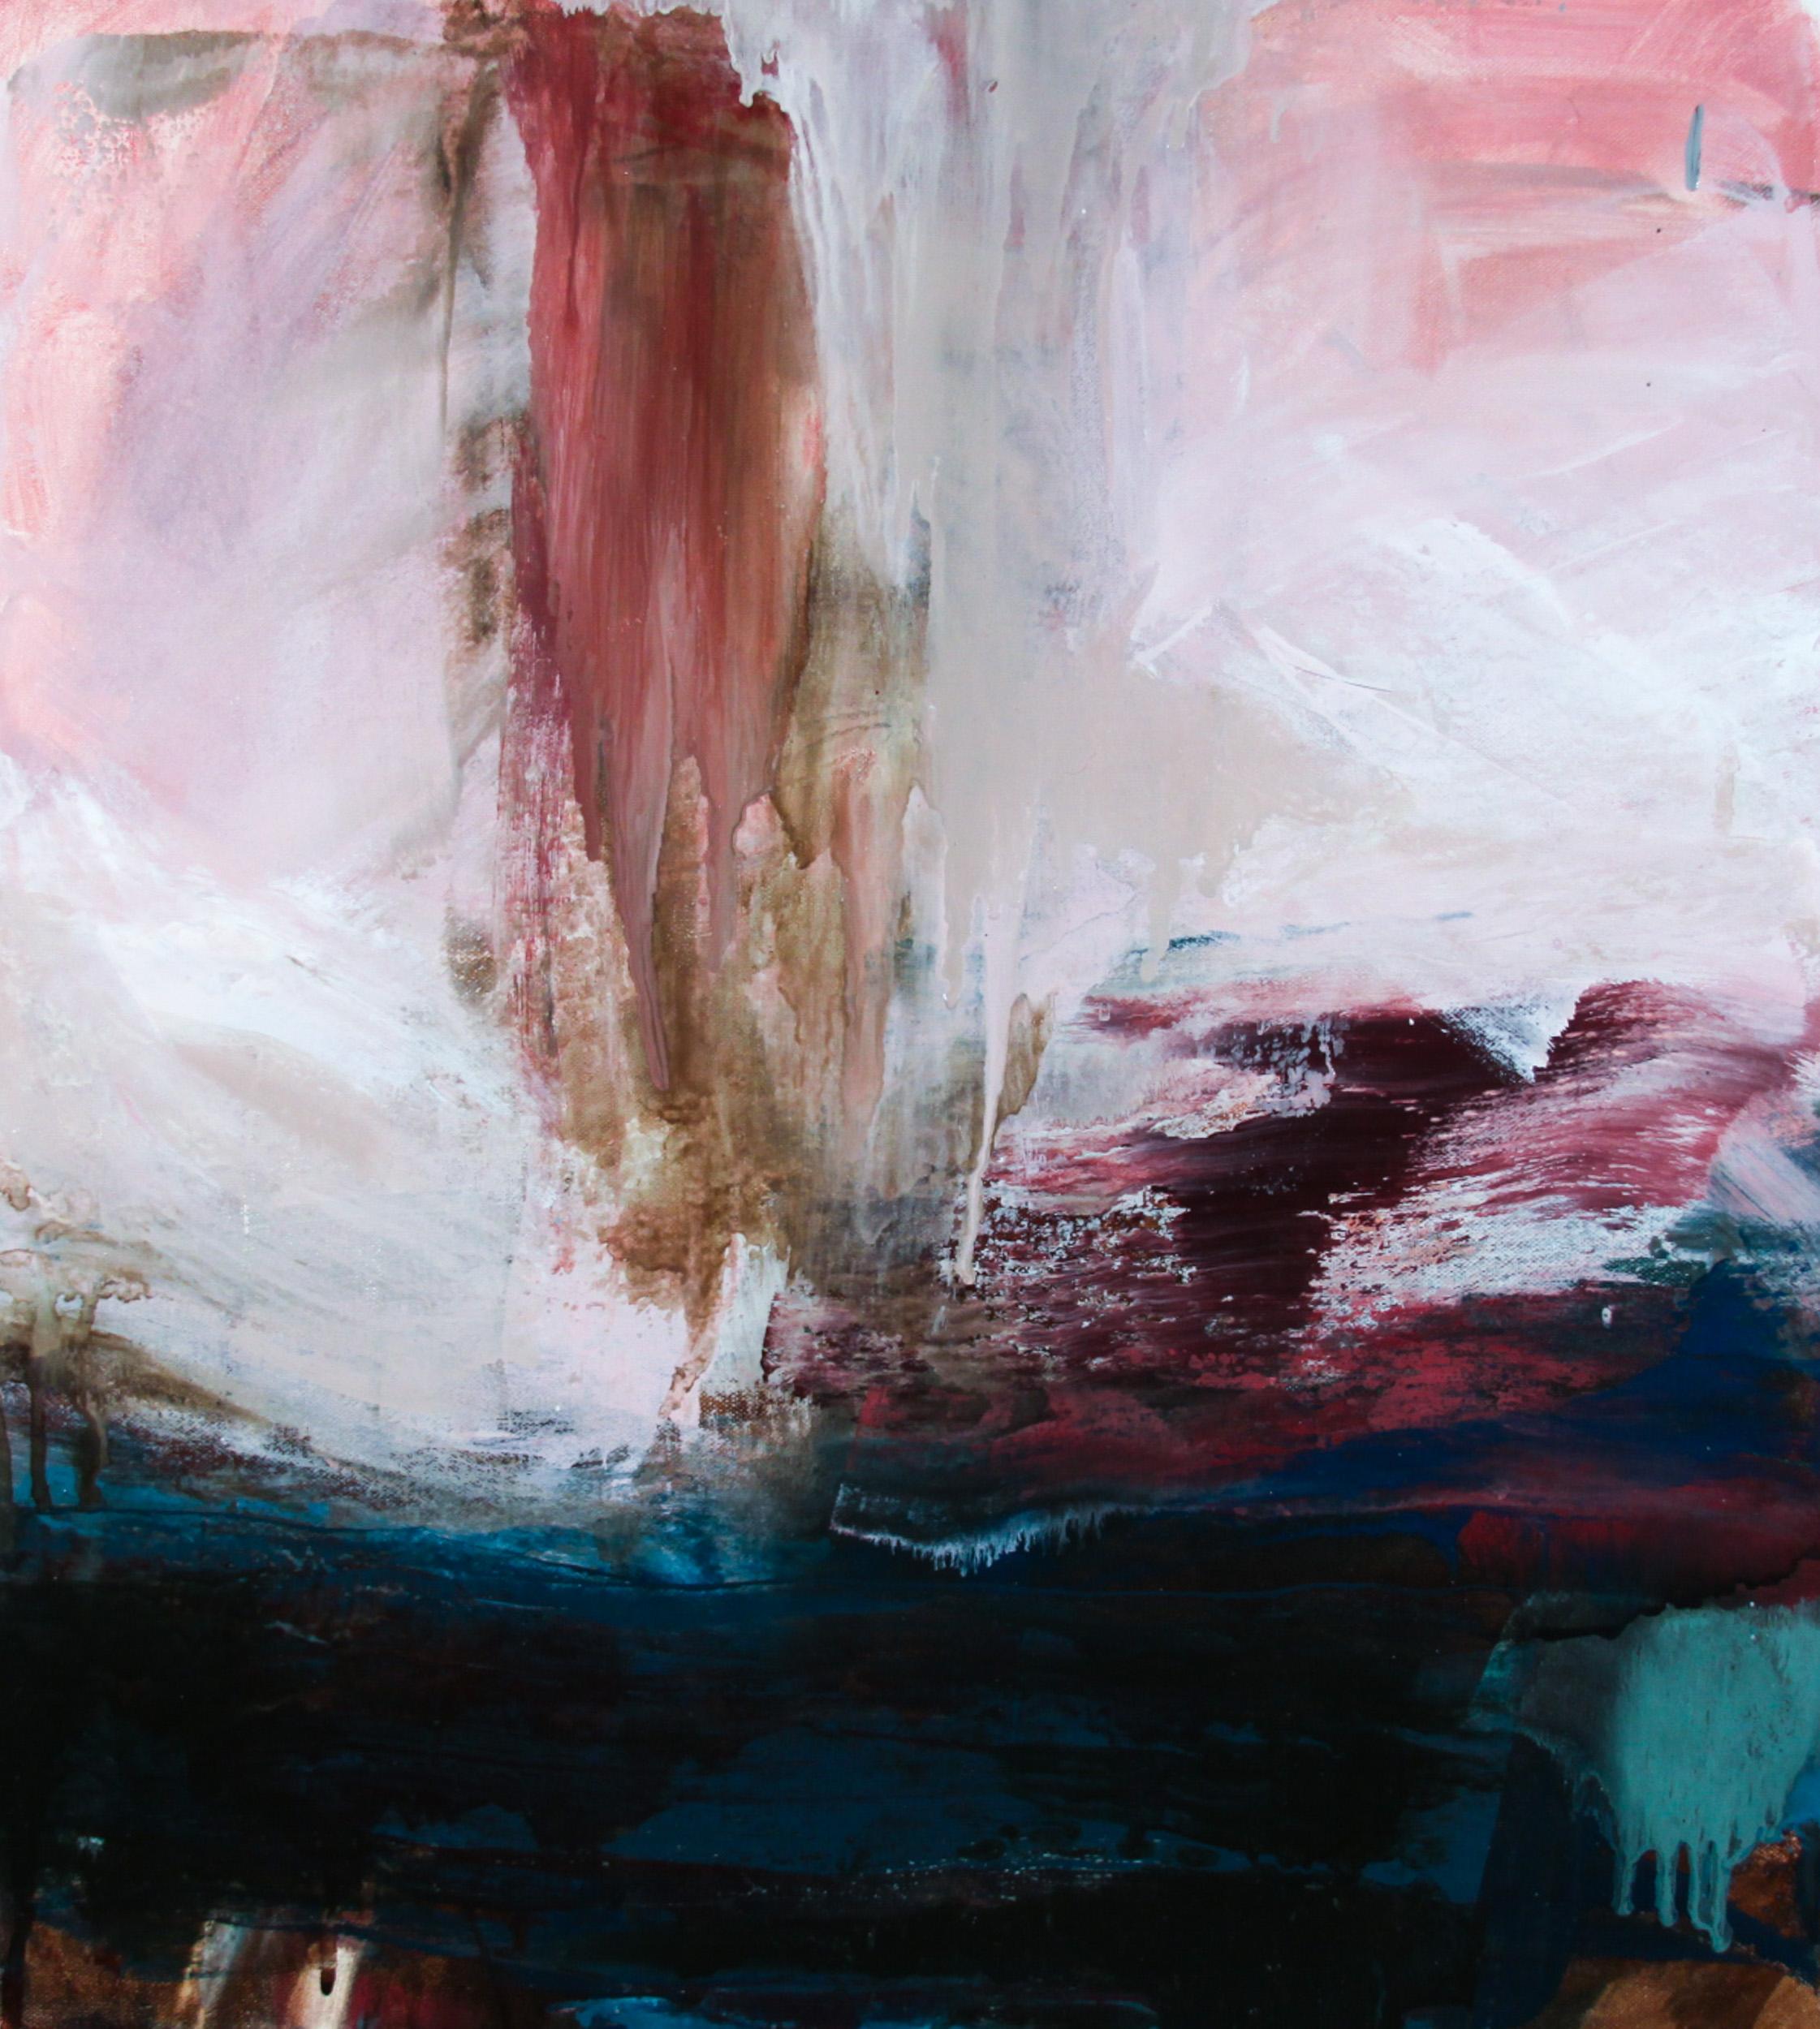 Dawn - 2019, oil on canvas, 20 x 18 in